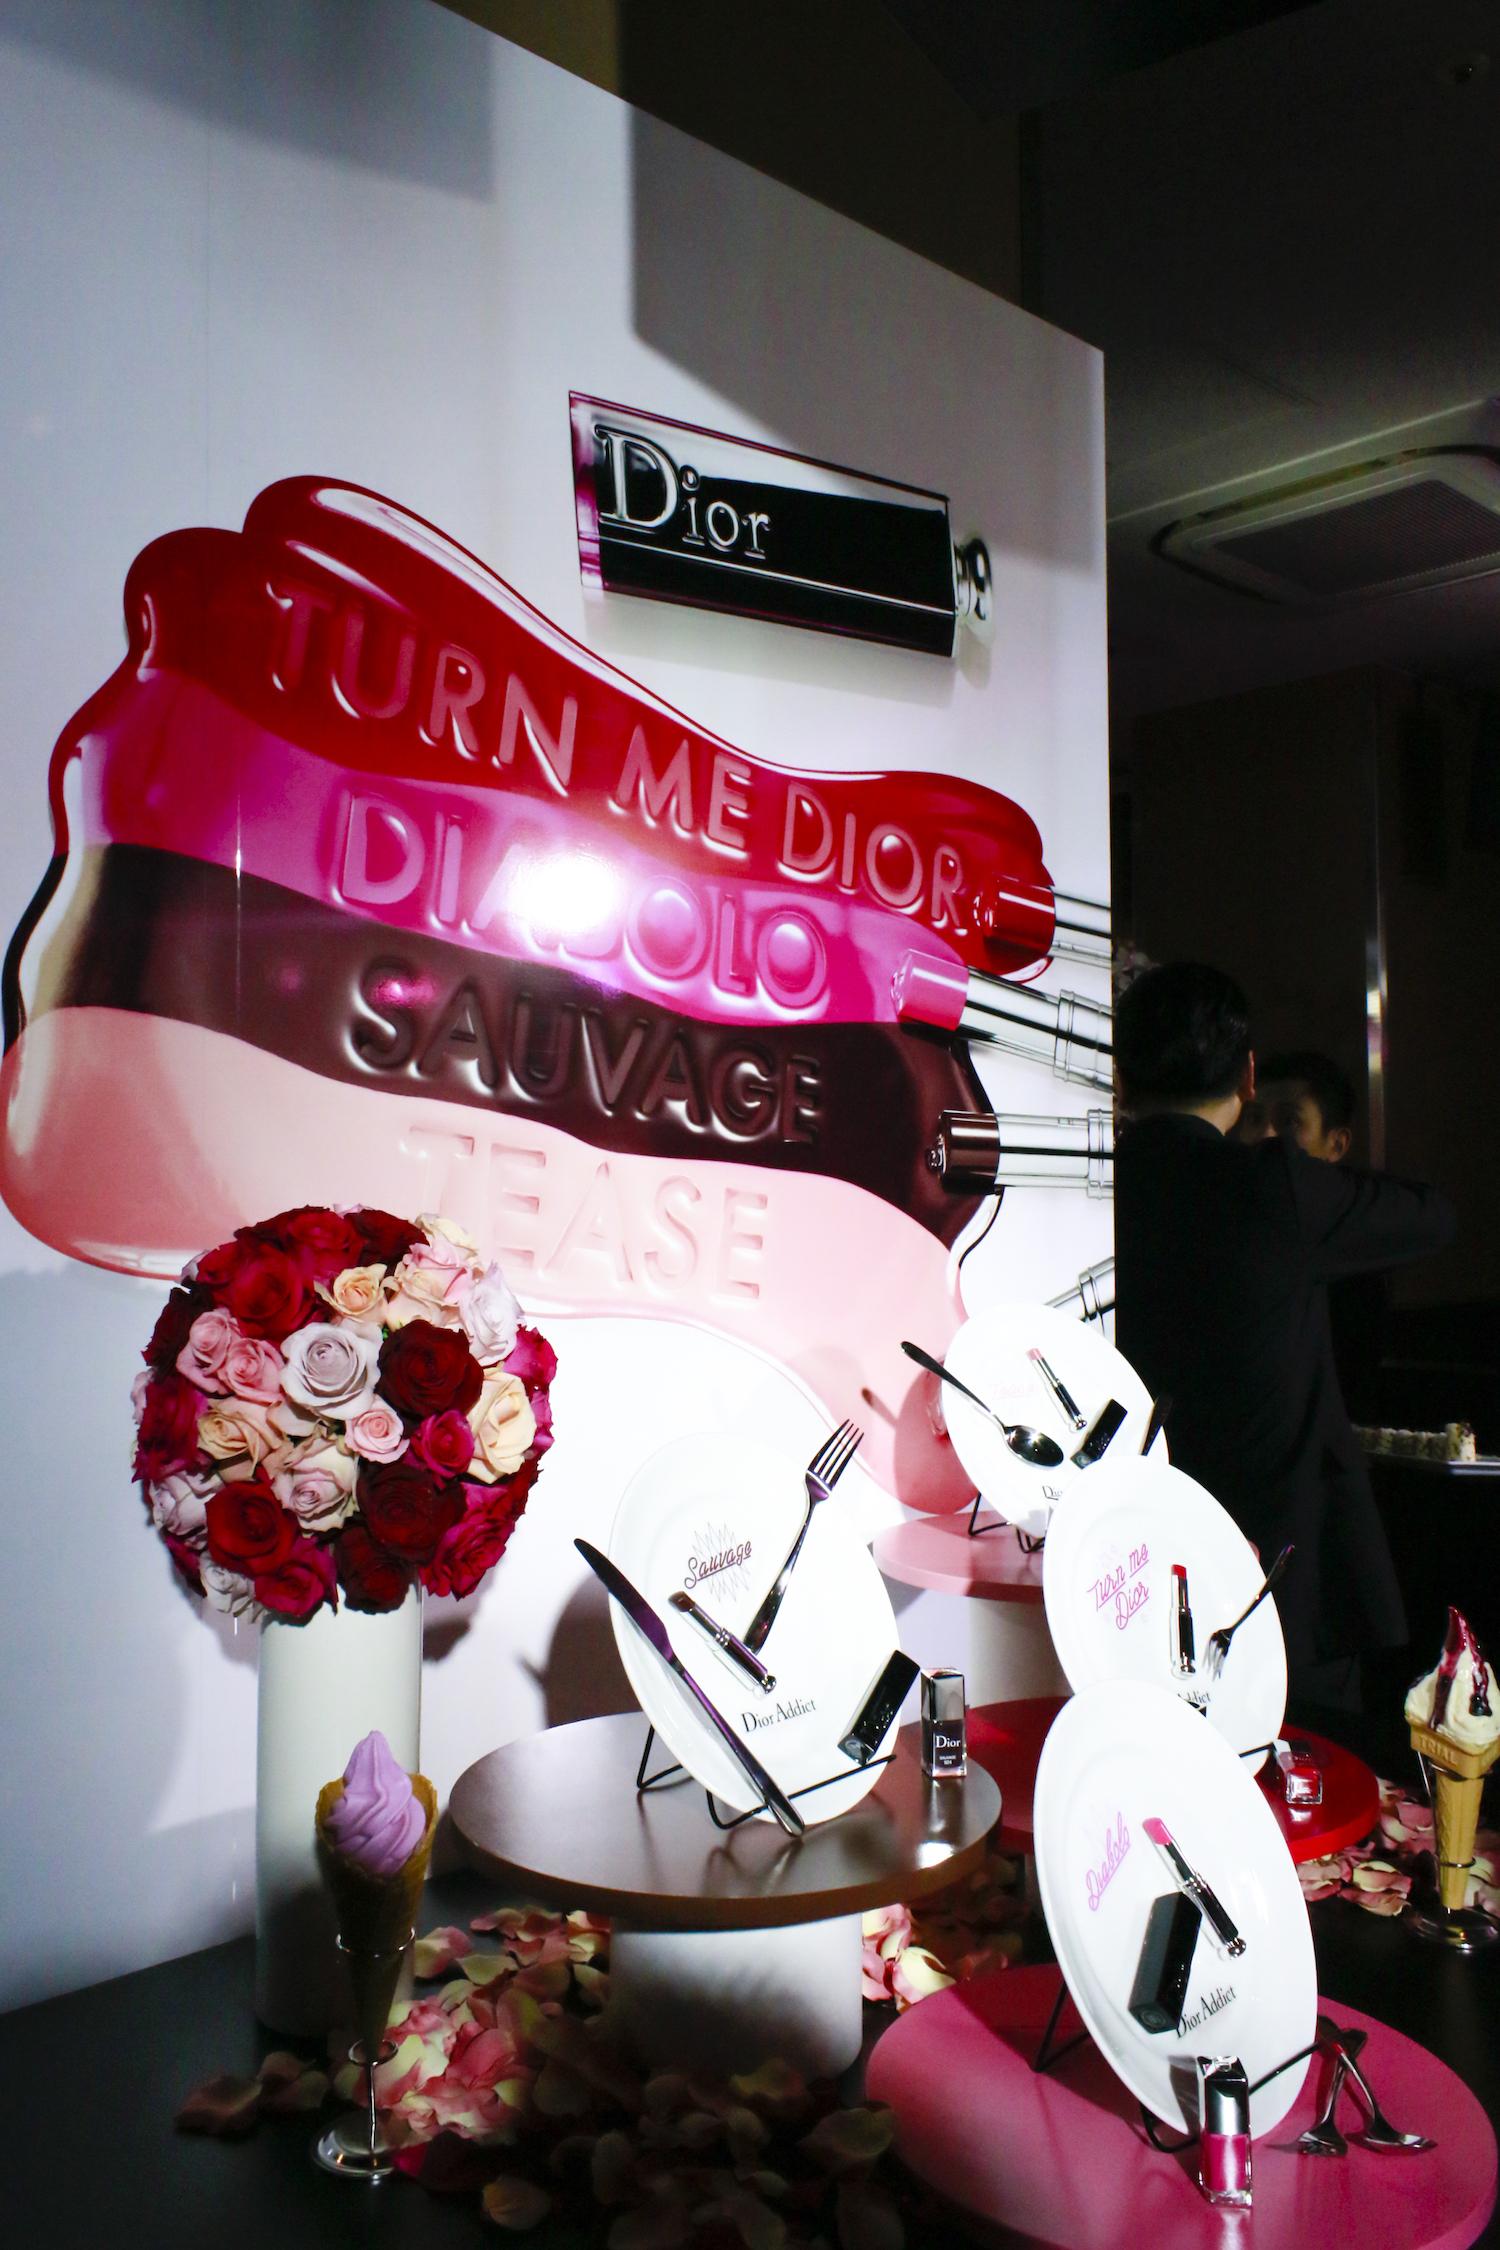 Dior Addict_170309_16